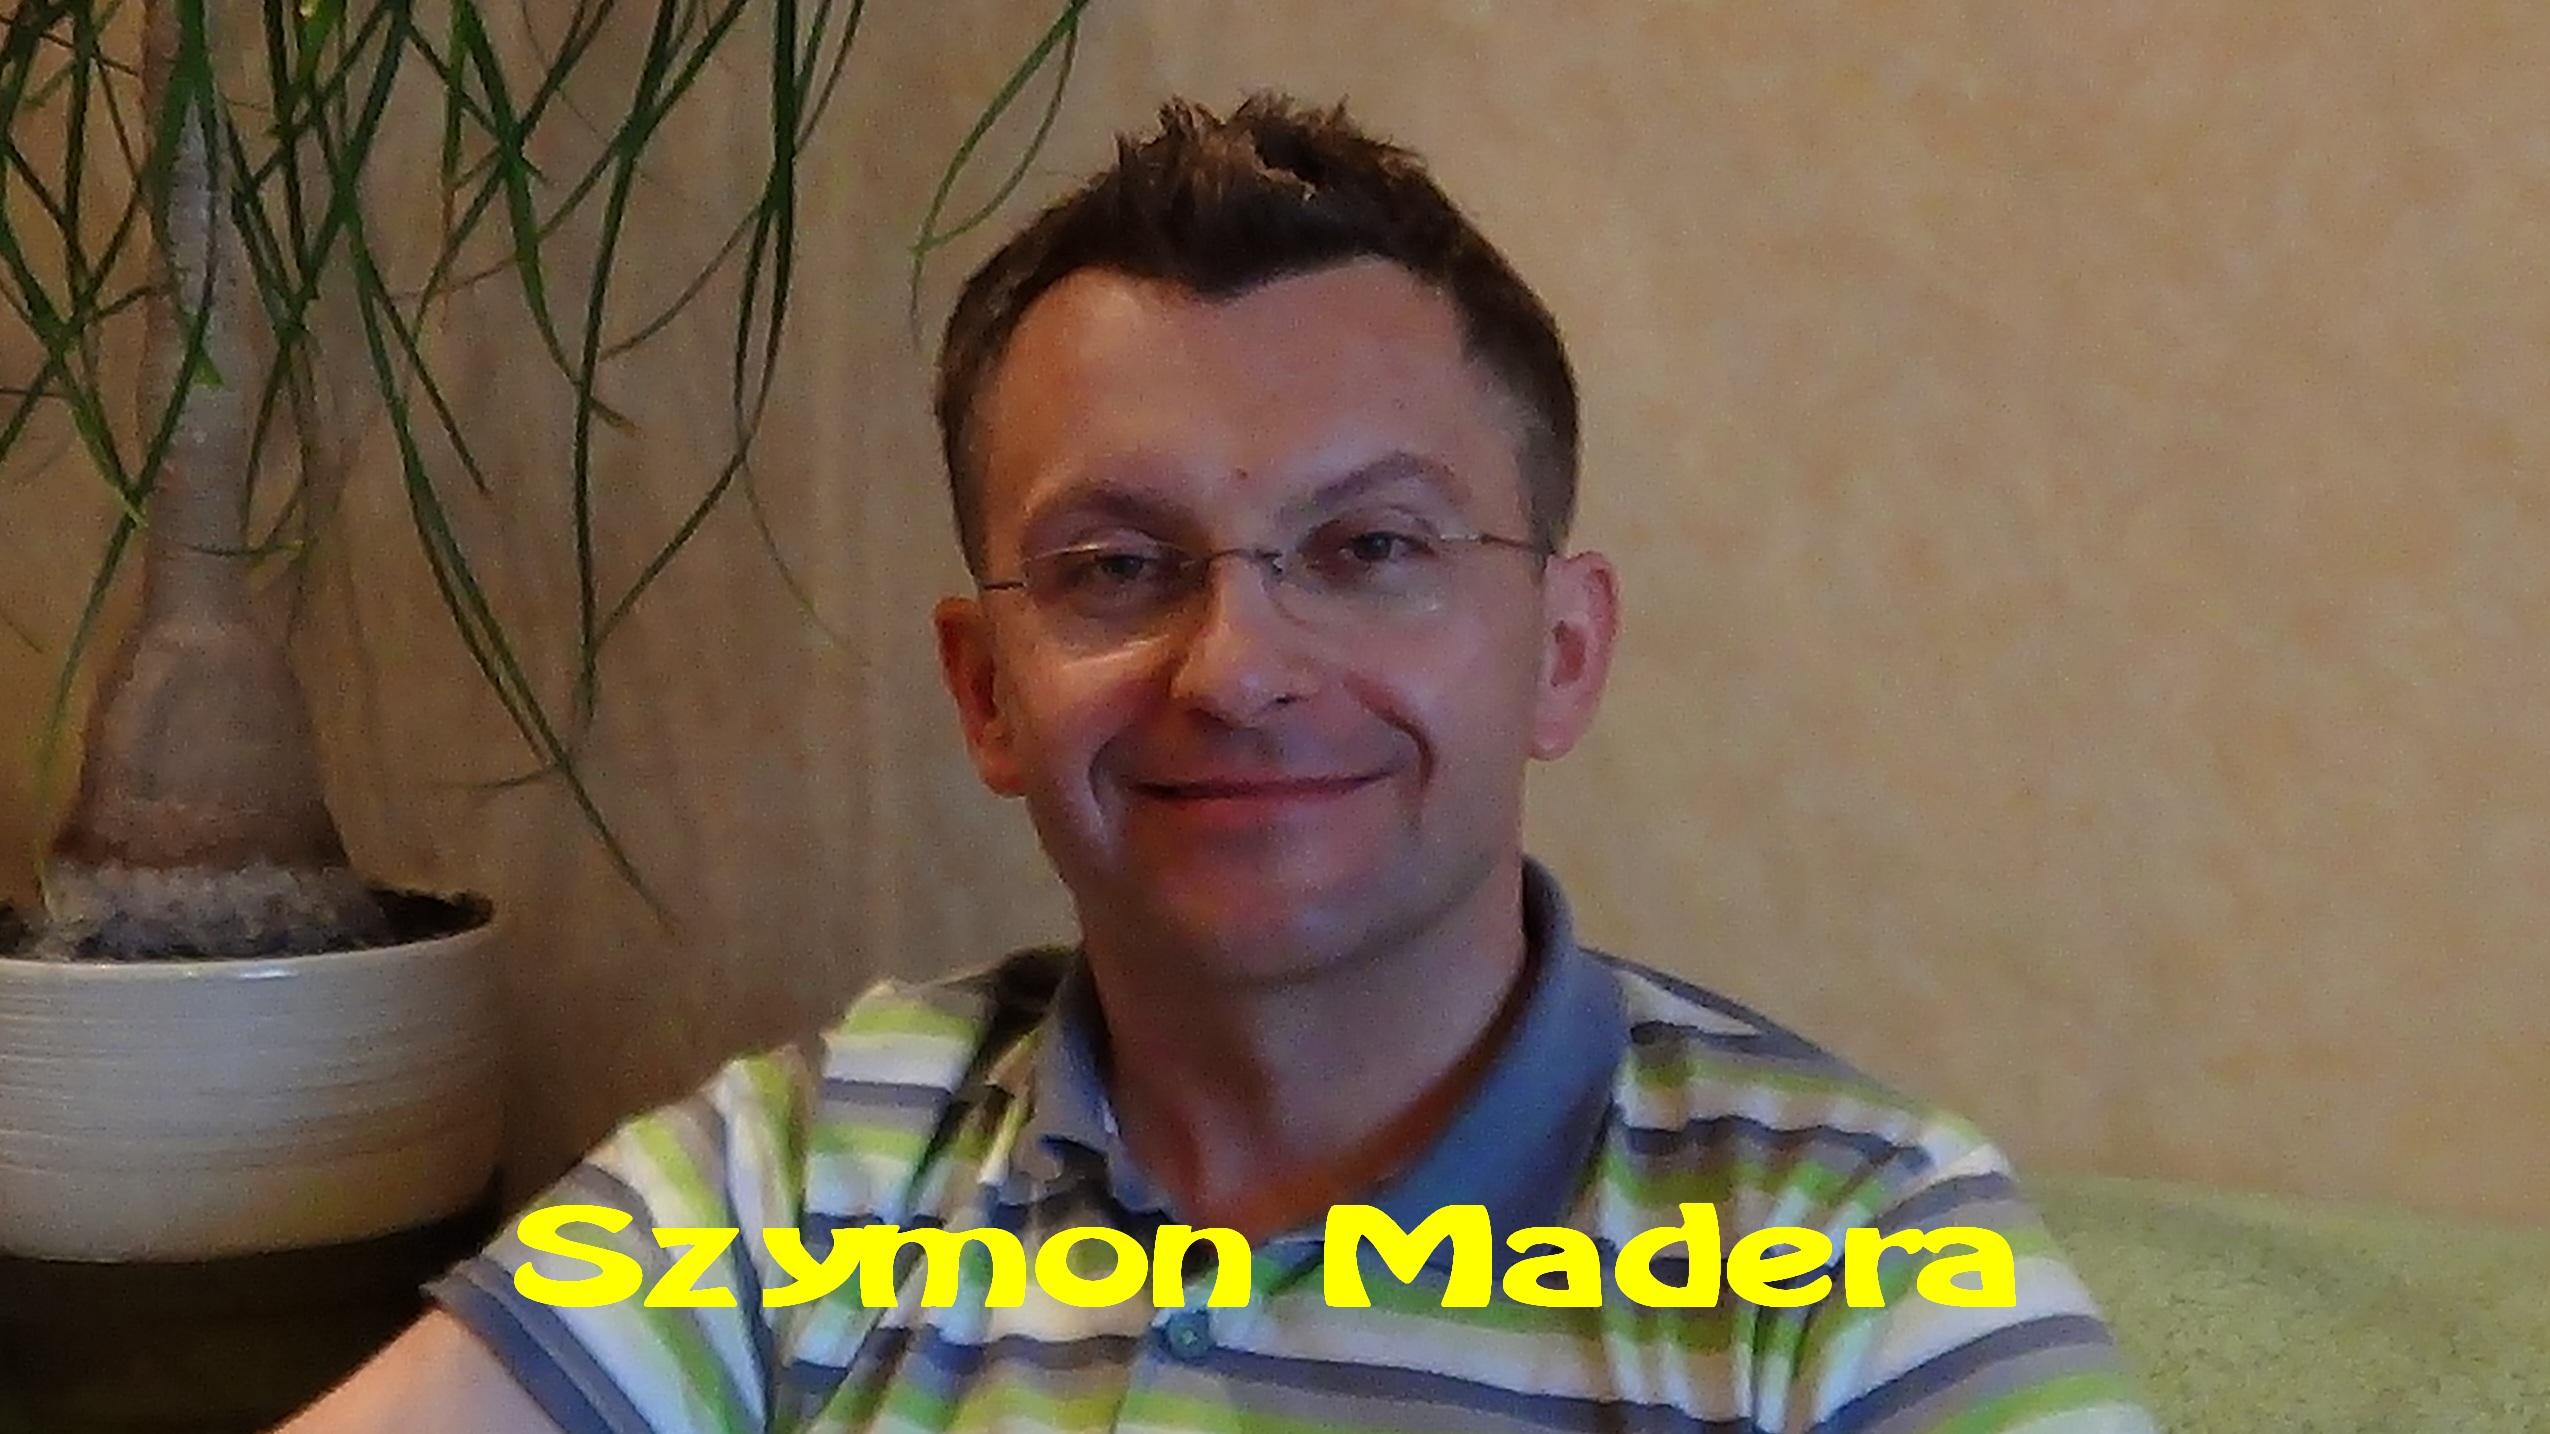 Szymon_zdjecie